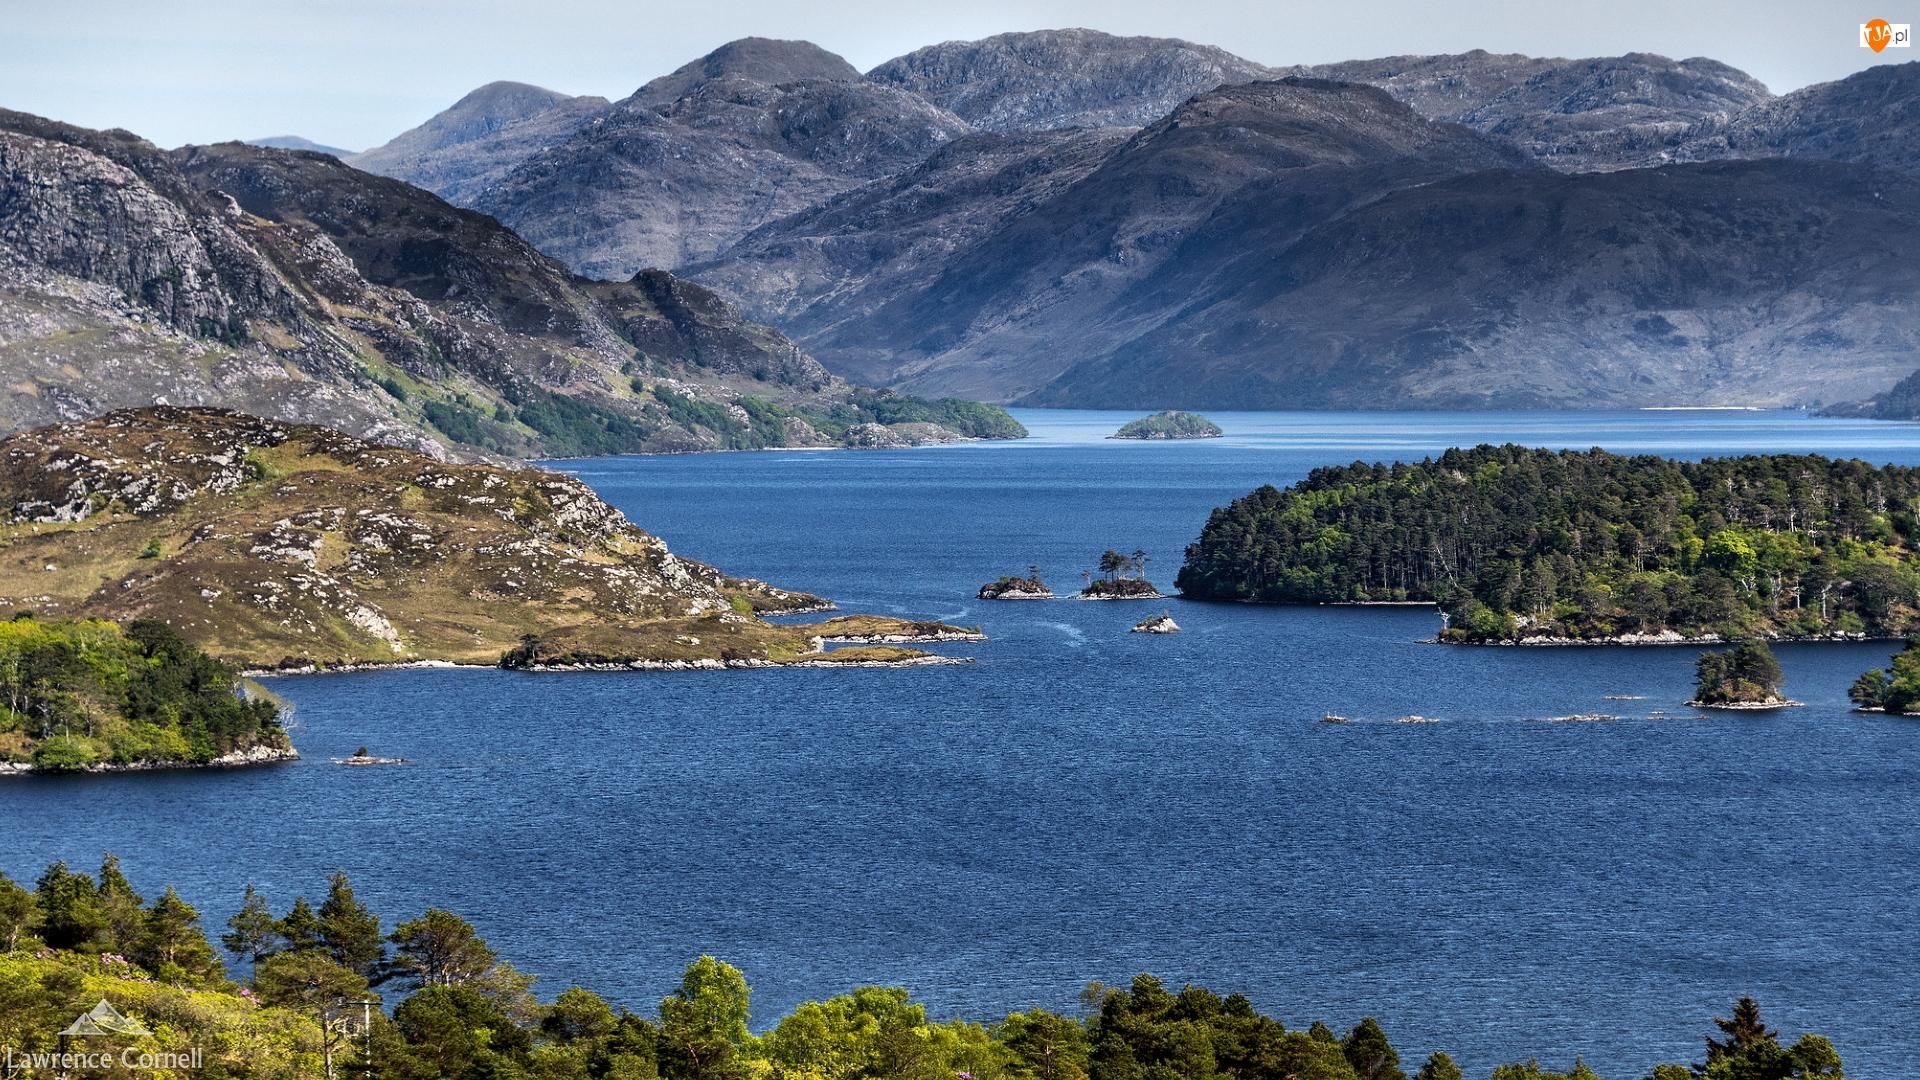 Loch Morar, Góry, Szkocja, Jezioro, Hrabstwo Highland, Drzewa, Wysepki